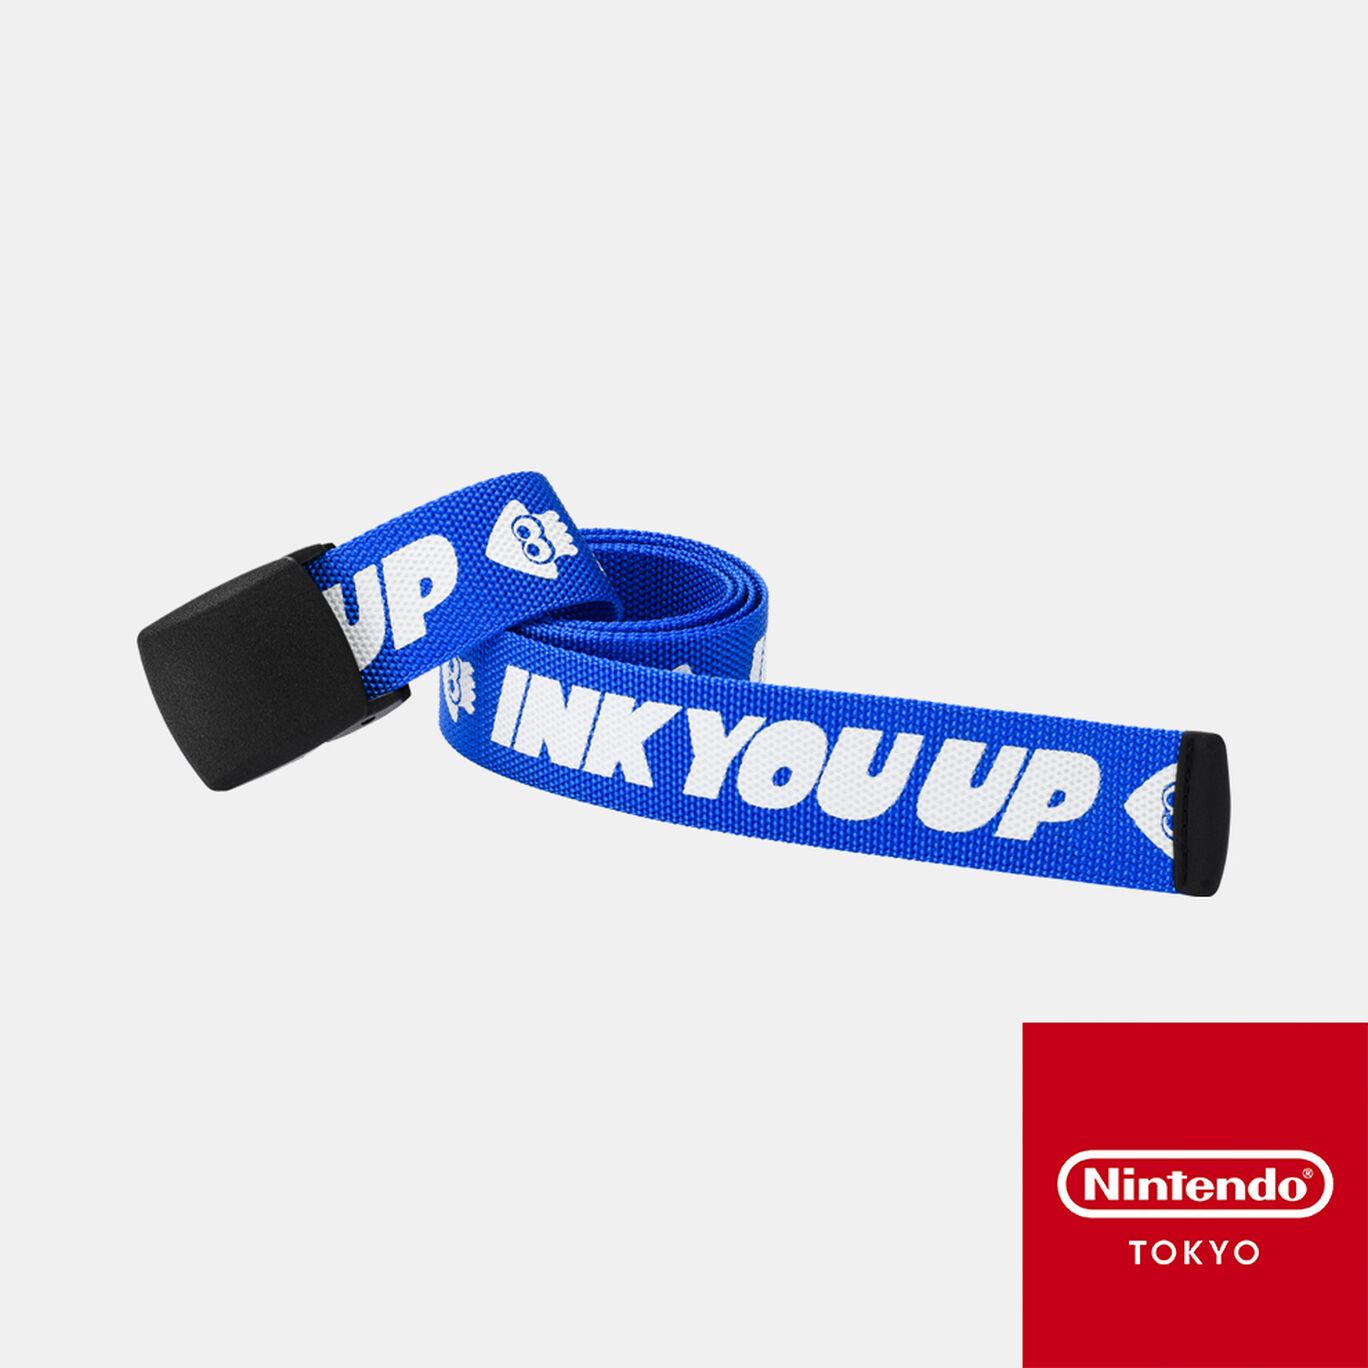 ガチャベルト INK YOU UP【Nintendo TOKYO取り扱い商品】